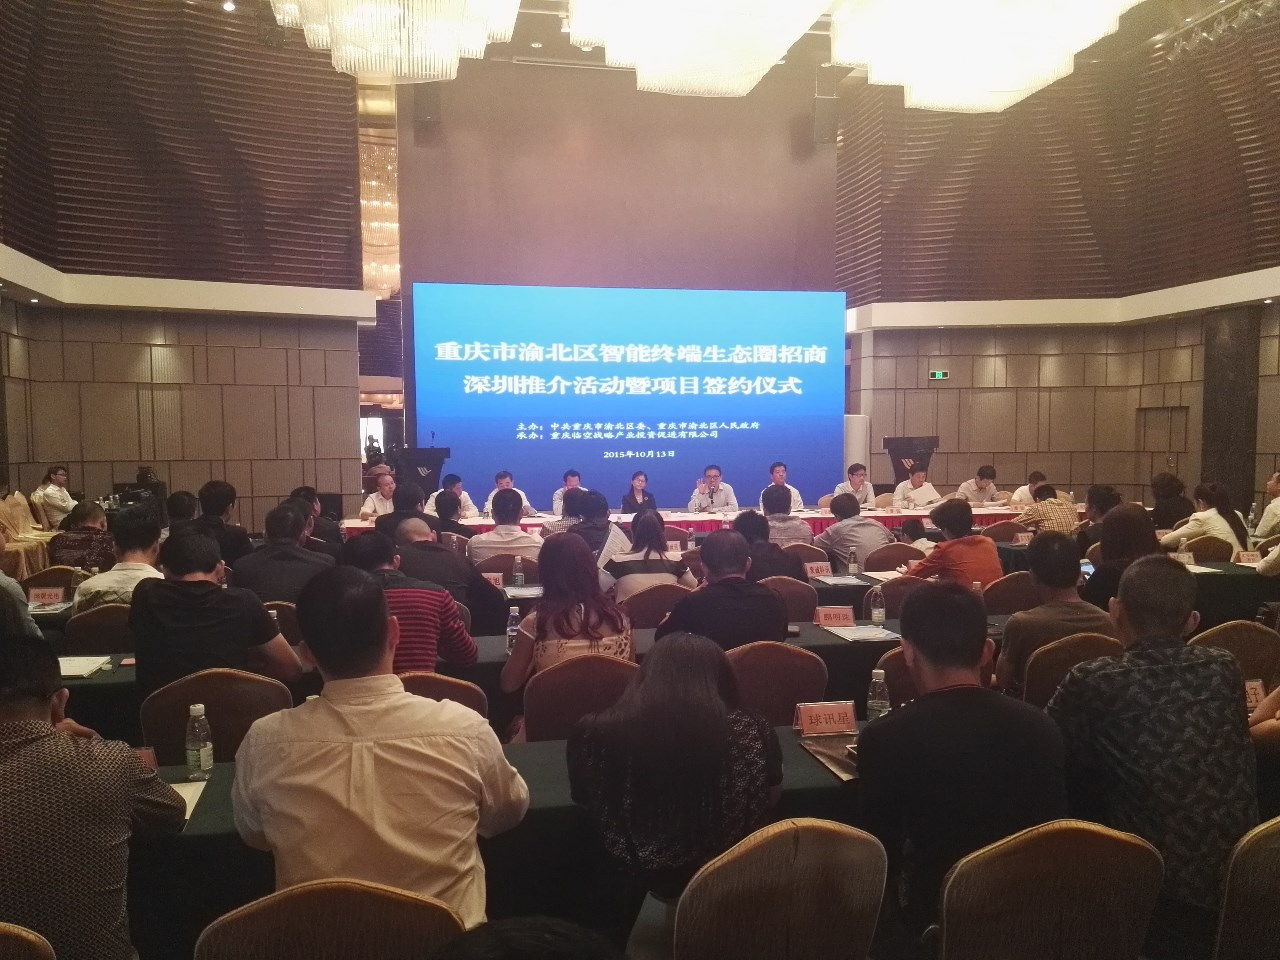 重慶渝北:積極主動搭建全世界手機上產業群